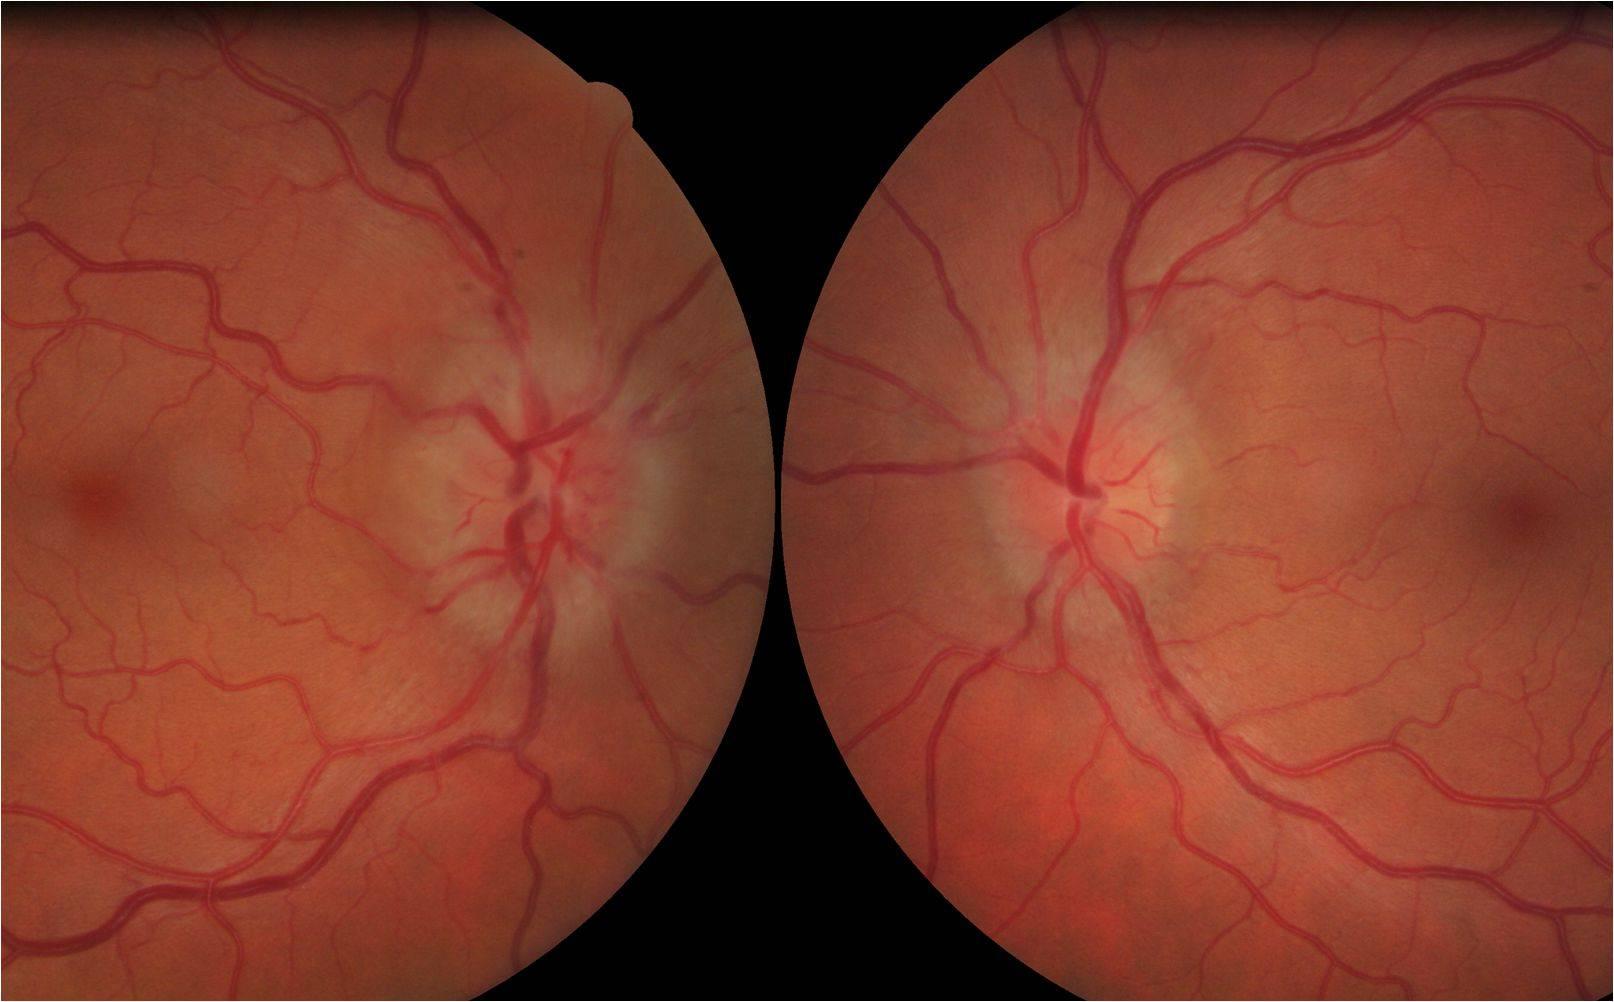 Неврит зрительного нерва | компетентно о здоровье на ilive